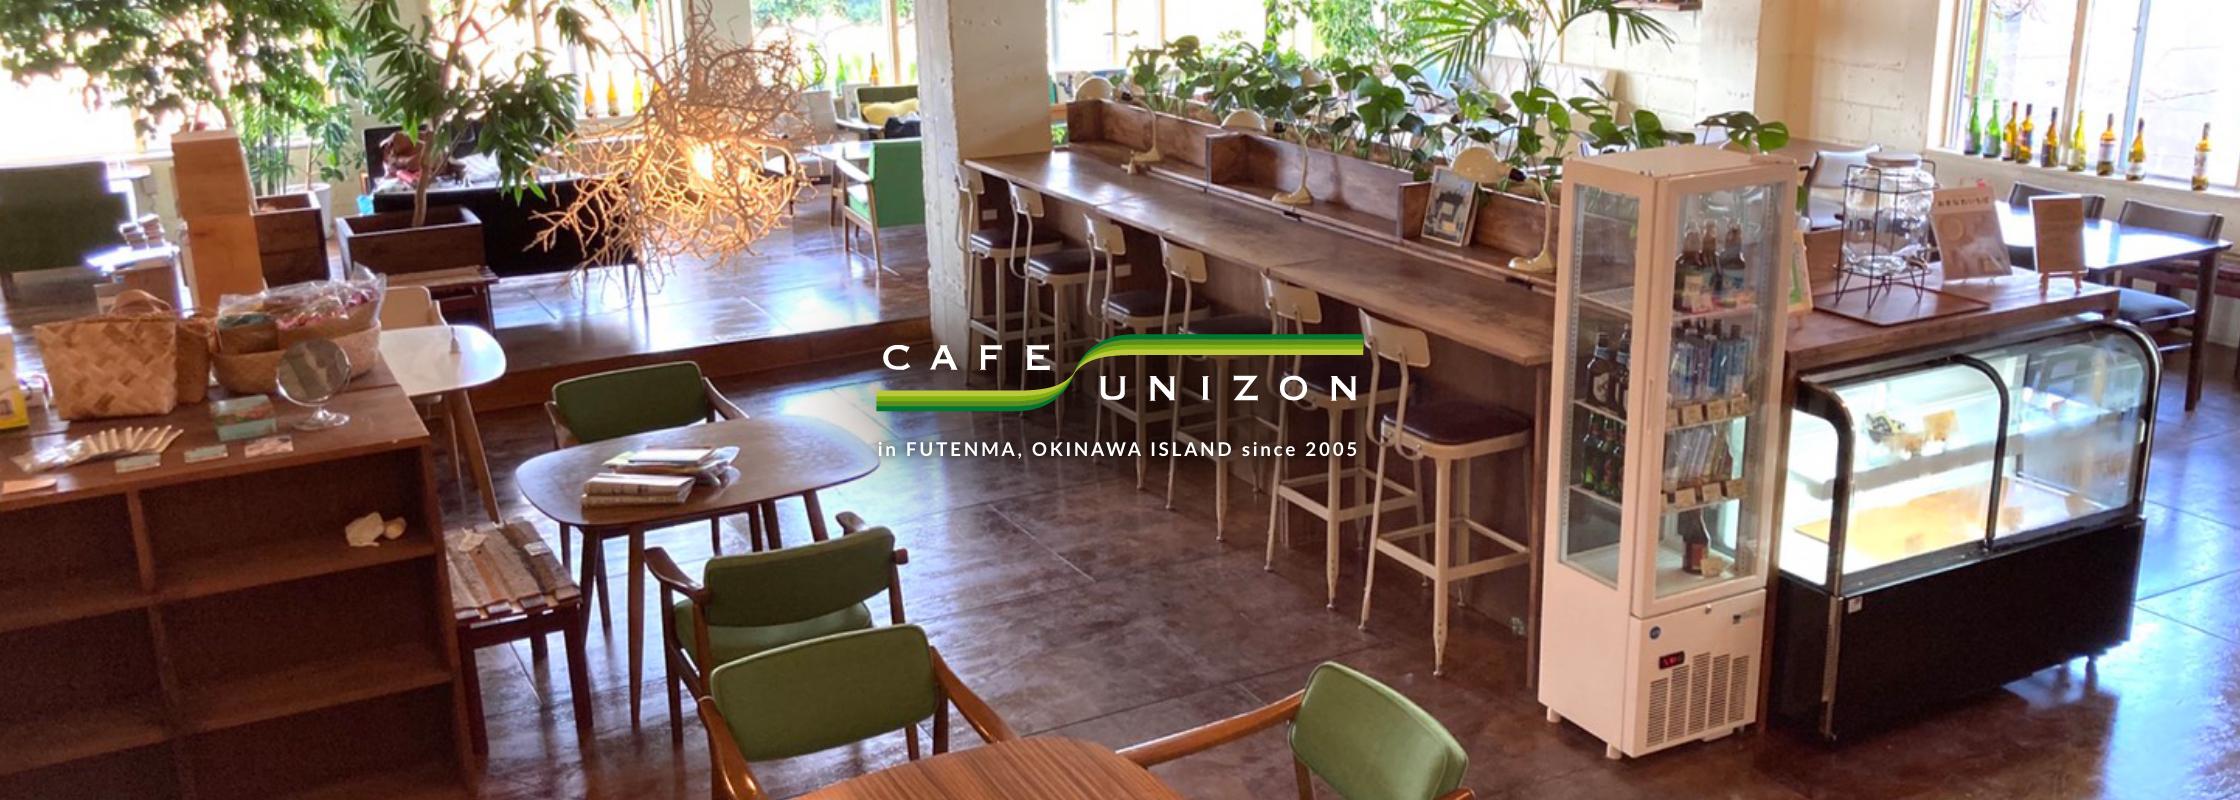 カフェユニゾン 店内イメージ画像